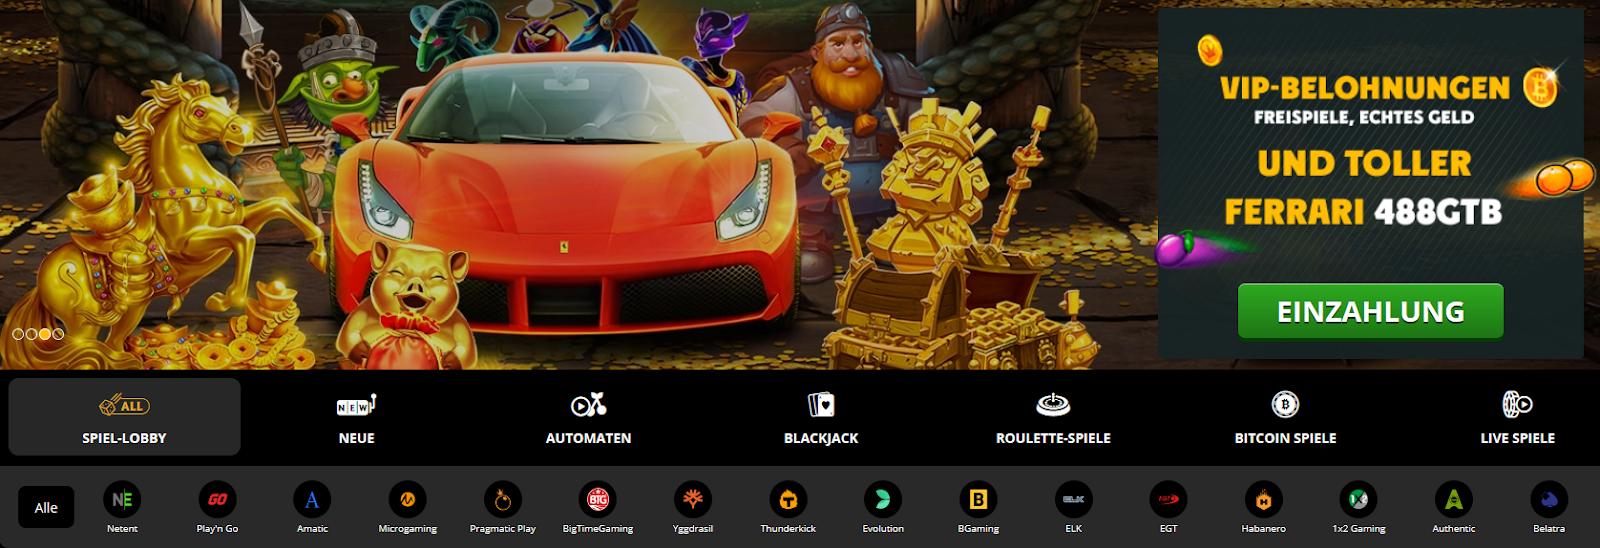 perfekter stil und design - playamo online casino.